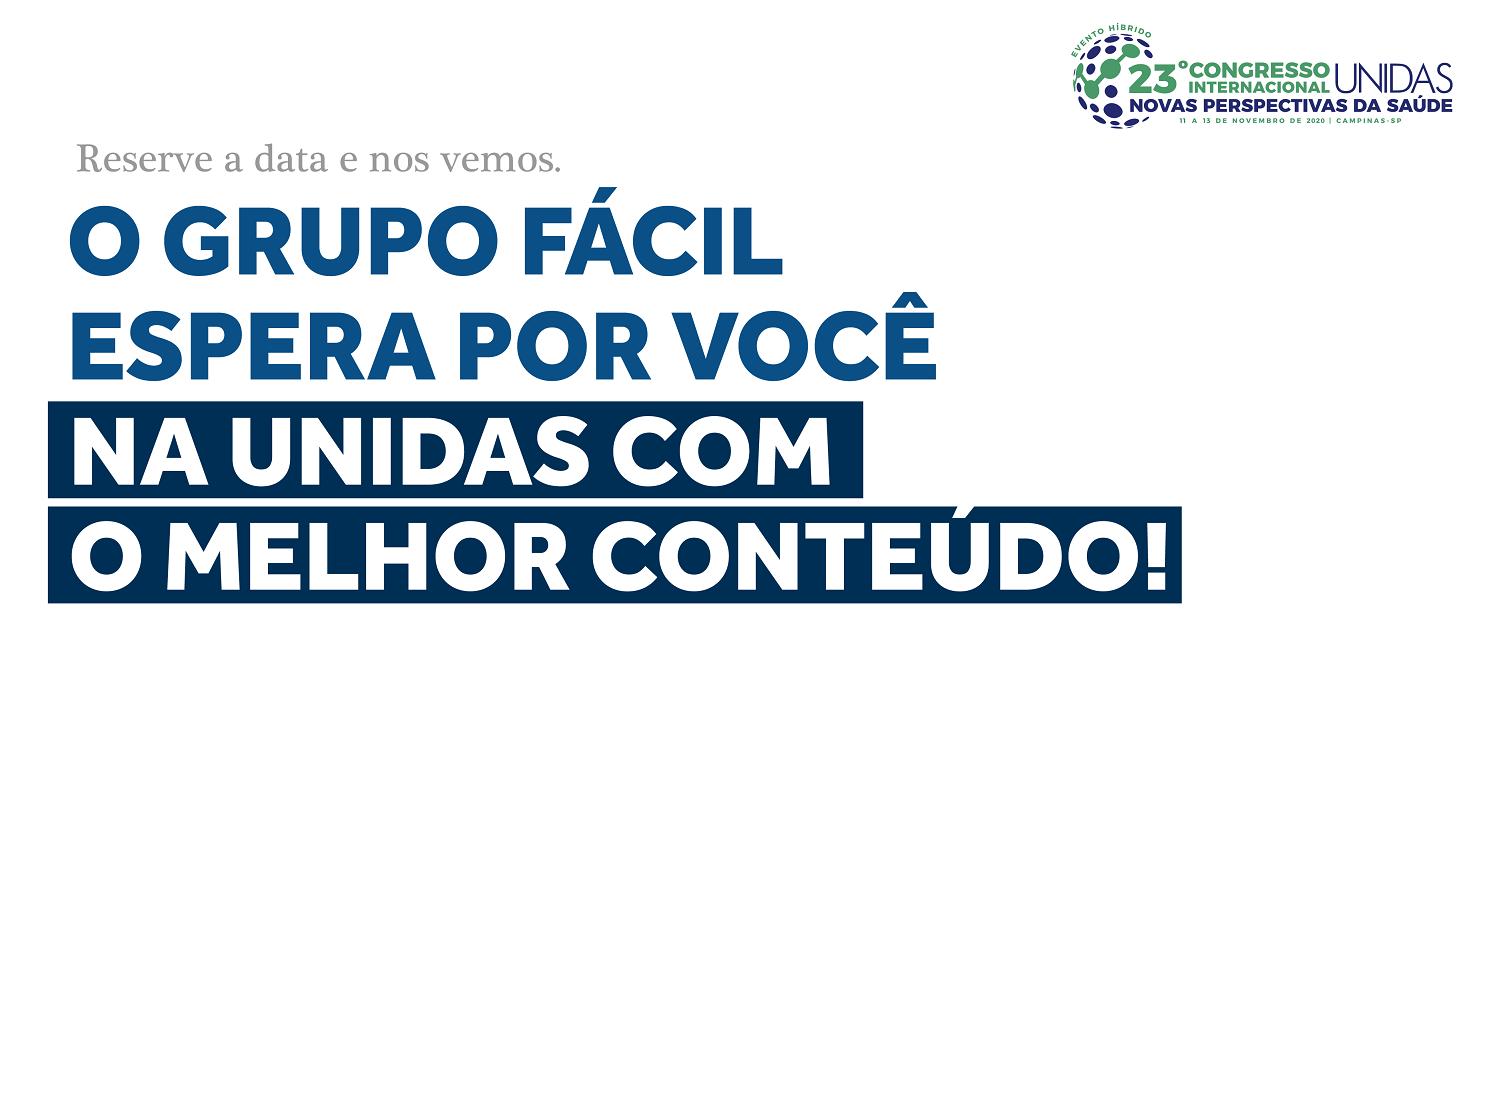 O 23º Congresso UNIDAS começa semana que vem. O Grupo Fácil espera você lá!